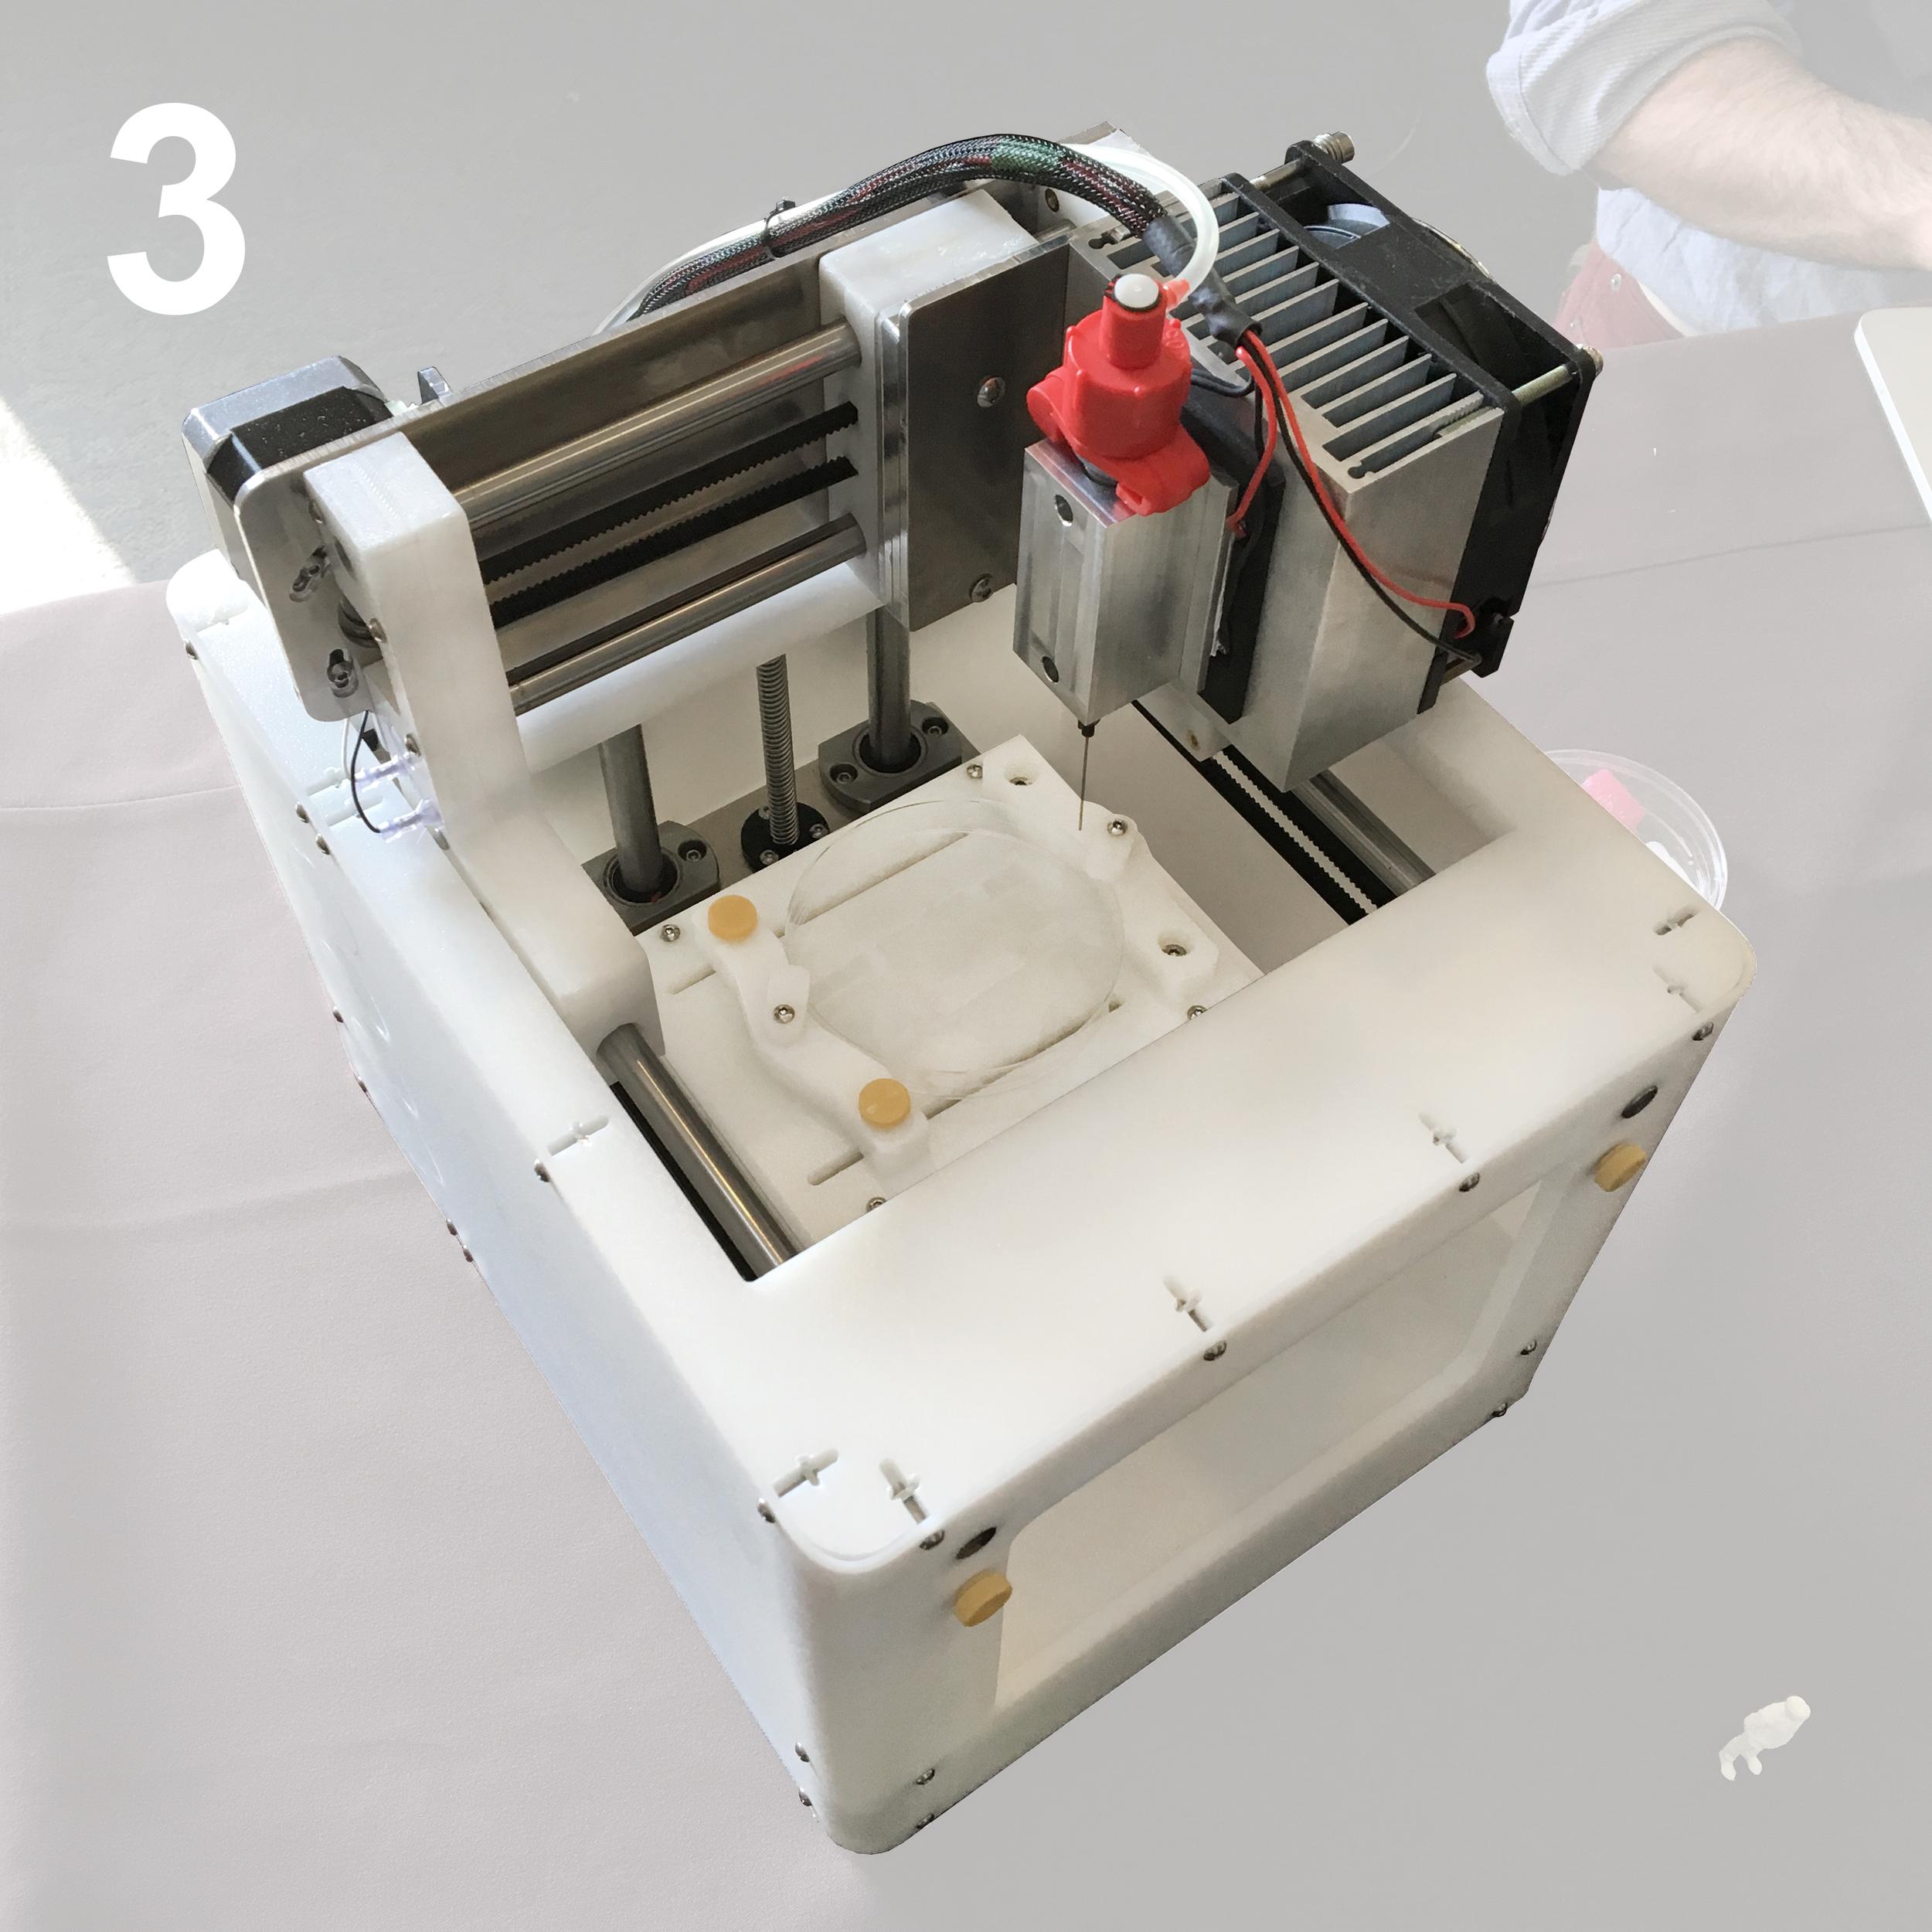 bioprinter 01 3.jpg